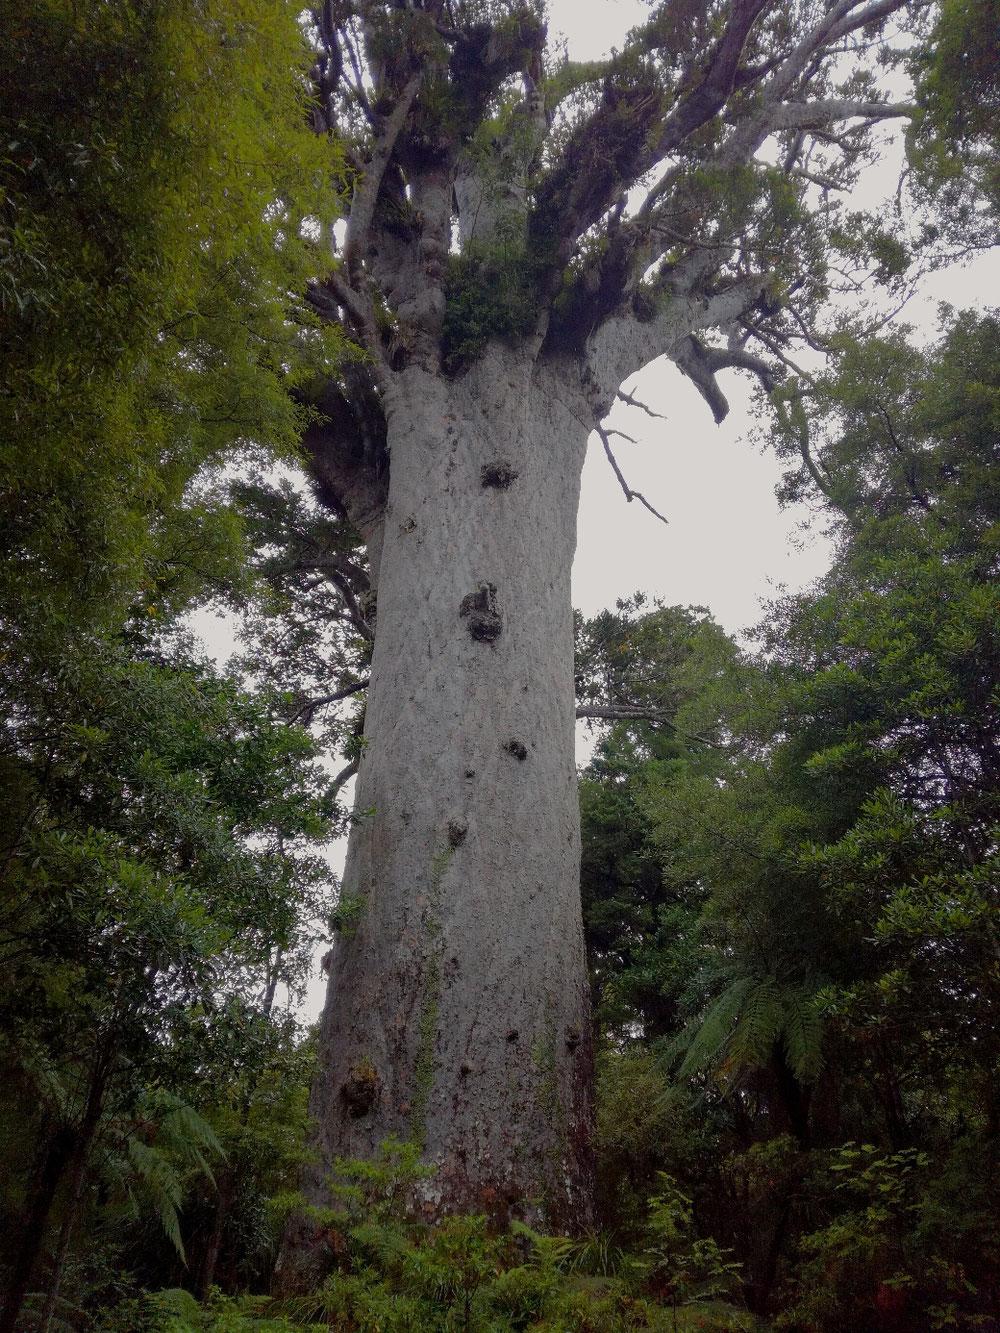 51, 5 Meter hoch, 13, 8 Meter Umfang des Stammes, ca. 2000 Jahre alt.  Wunderschön die Maori-Sage dazu, die man auf dem Schild lesen kann, wenn man der englischen Sprache etwas mächtig ist 😉.  Da bleibt nur, sich aus Ehrfurcht vor der Schöpfung zu verneigen.